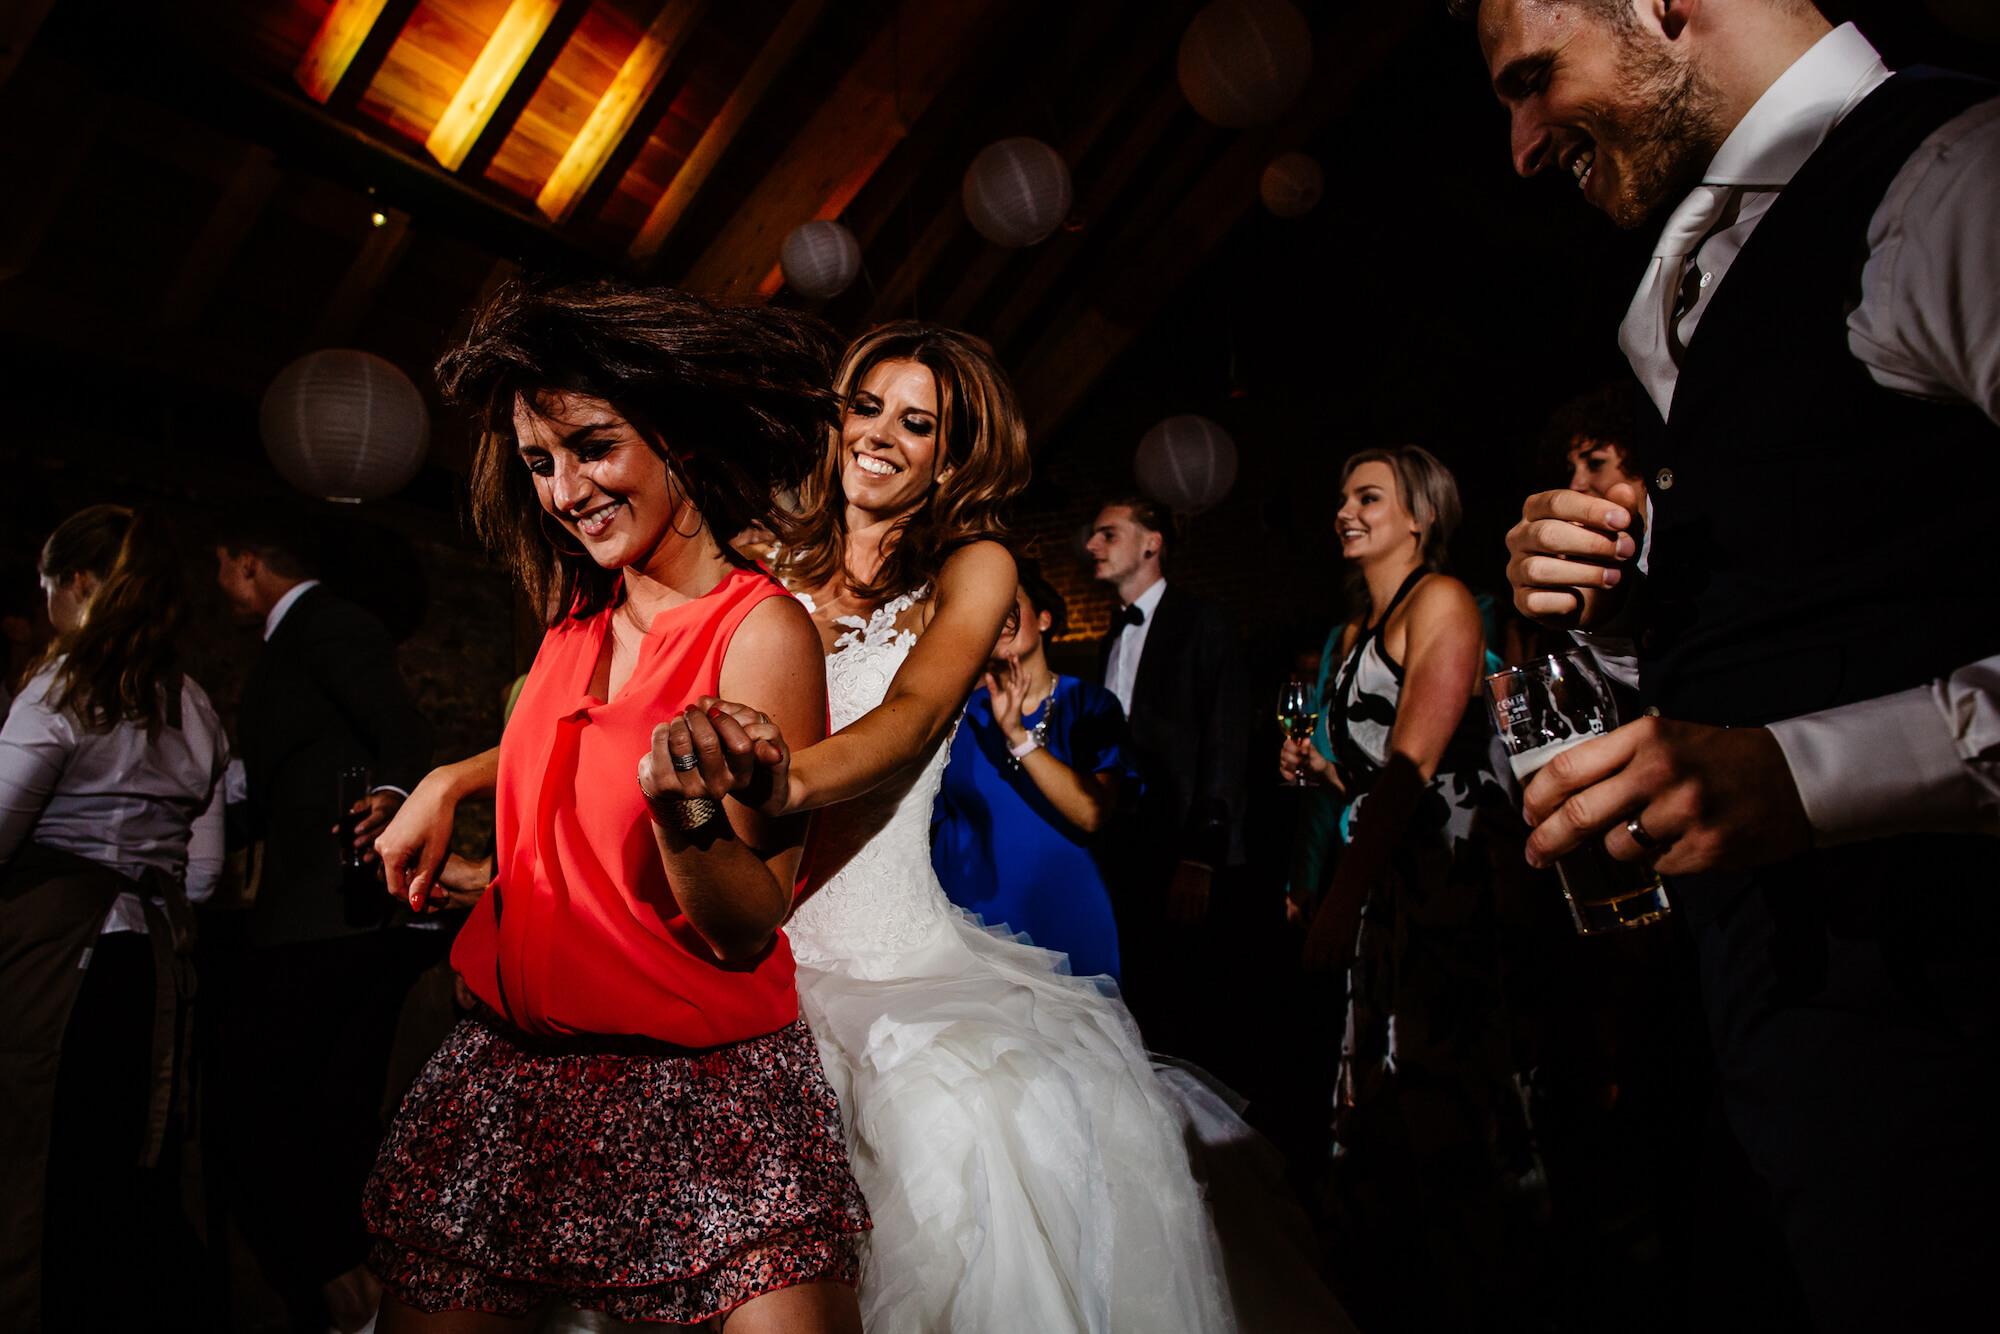 kasteelhoeve-geldrop-bruidsfotograaf-33.jpg